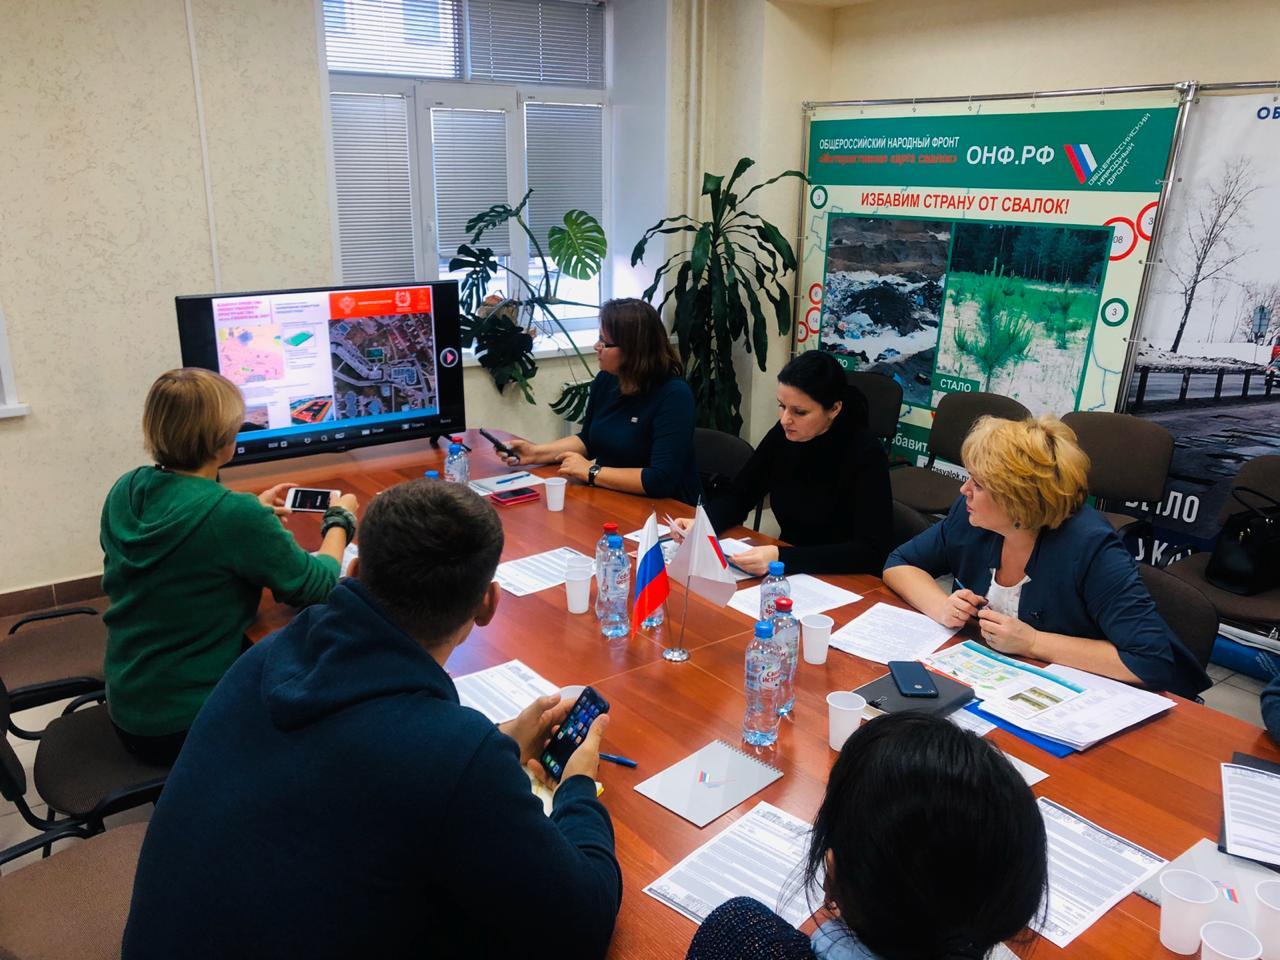 По поручению мэра Ивана Кляйна в Томске продолжаются общественные обсуждения проектов будущего благоустройства